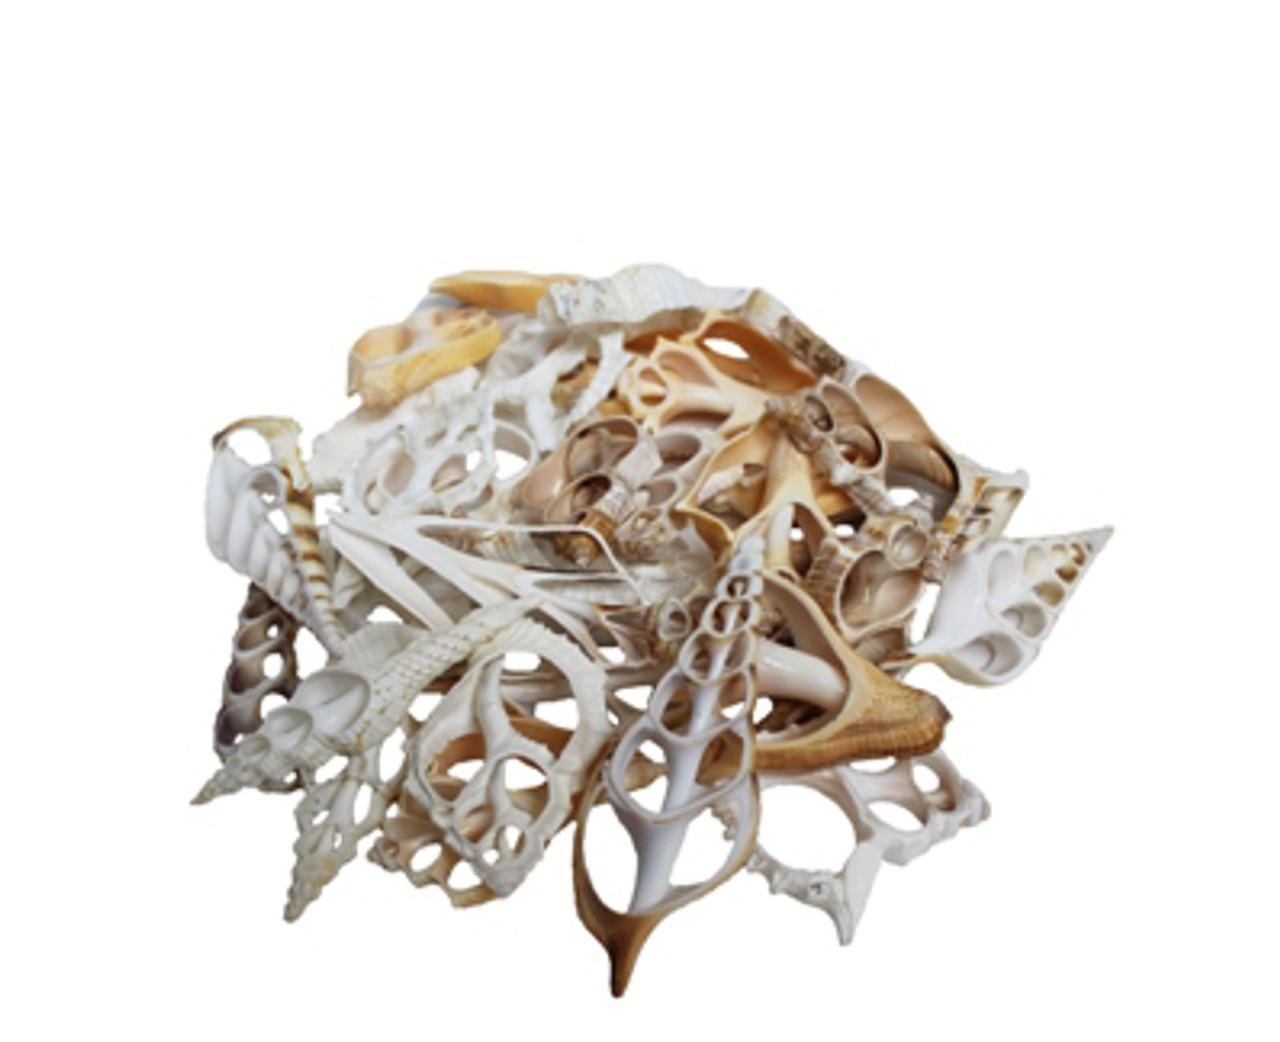 Large Assorted Sliced Shells